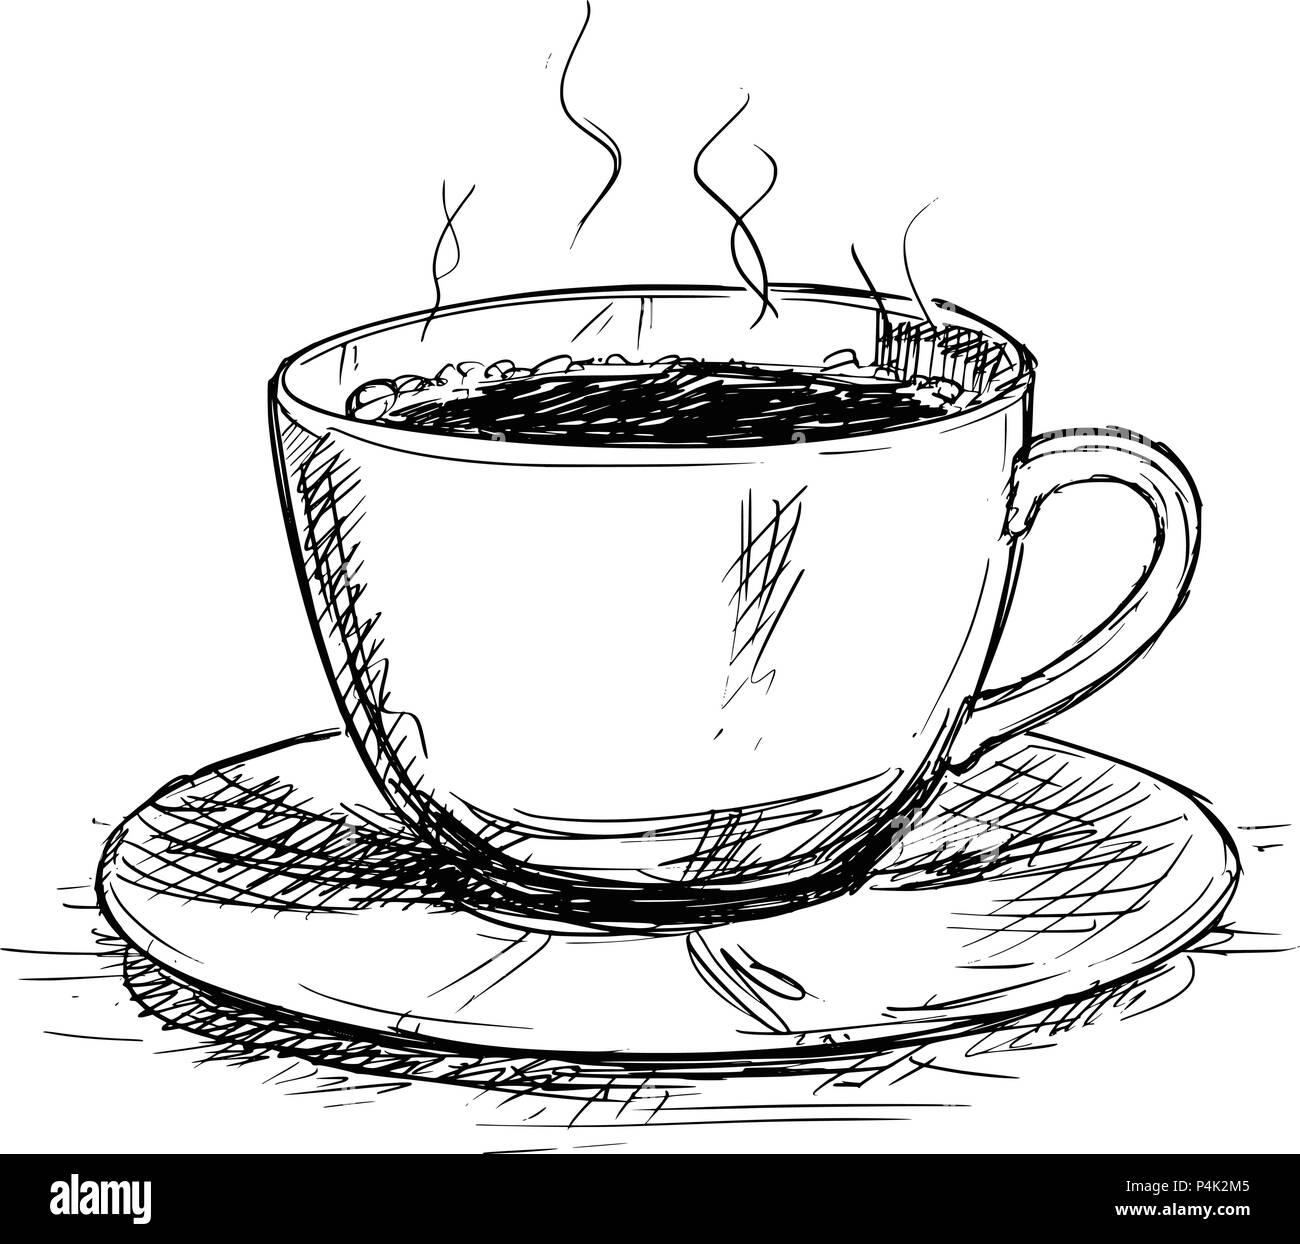 Vector Disegno Illustrazione Della Tazza Di Caffè Illustrazione